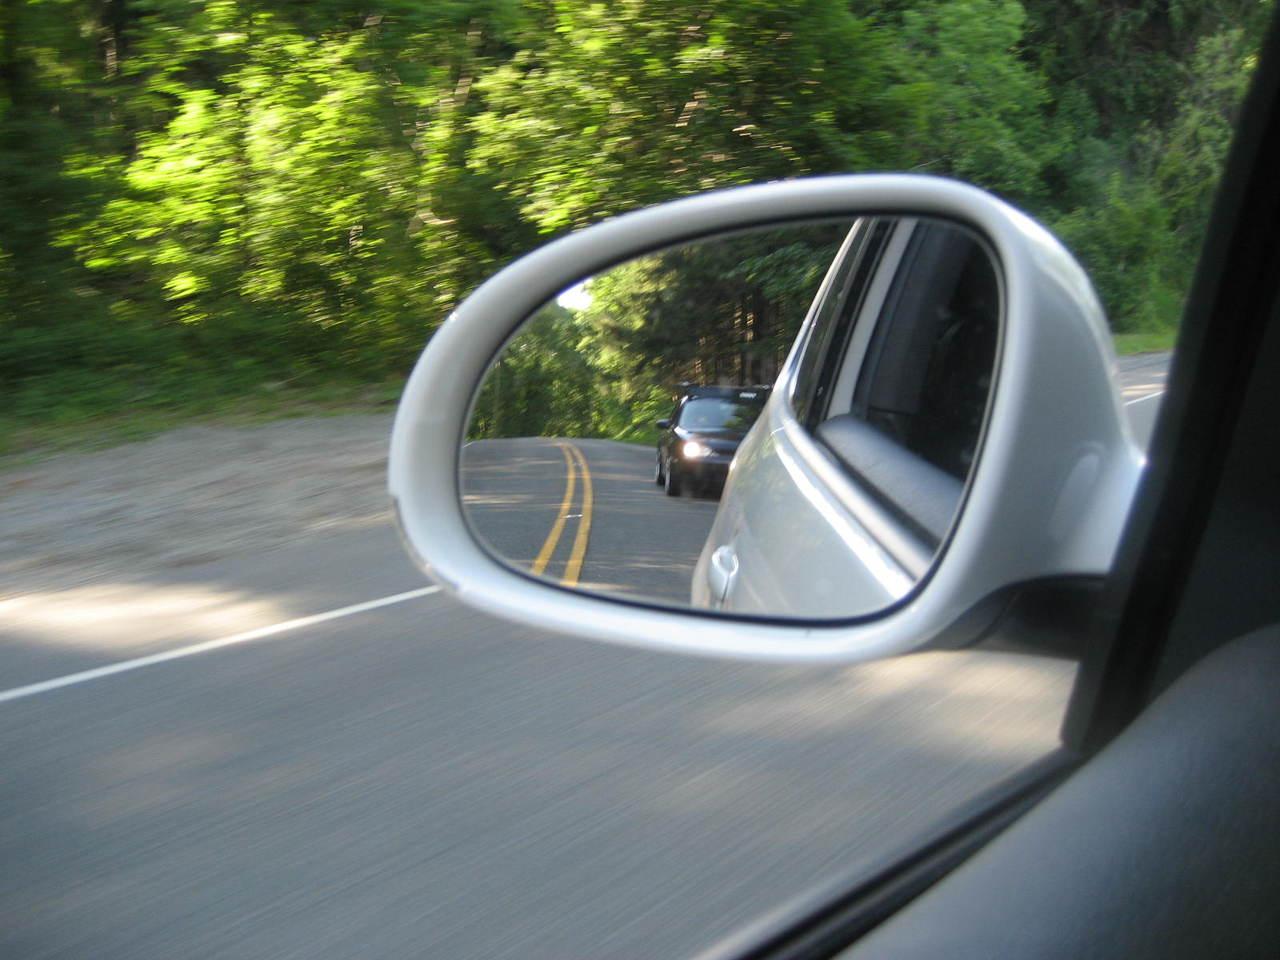 Rozmowy telefoniczne podczas jazdy